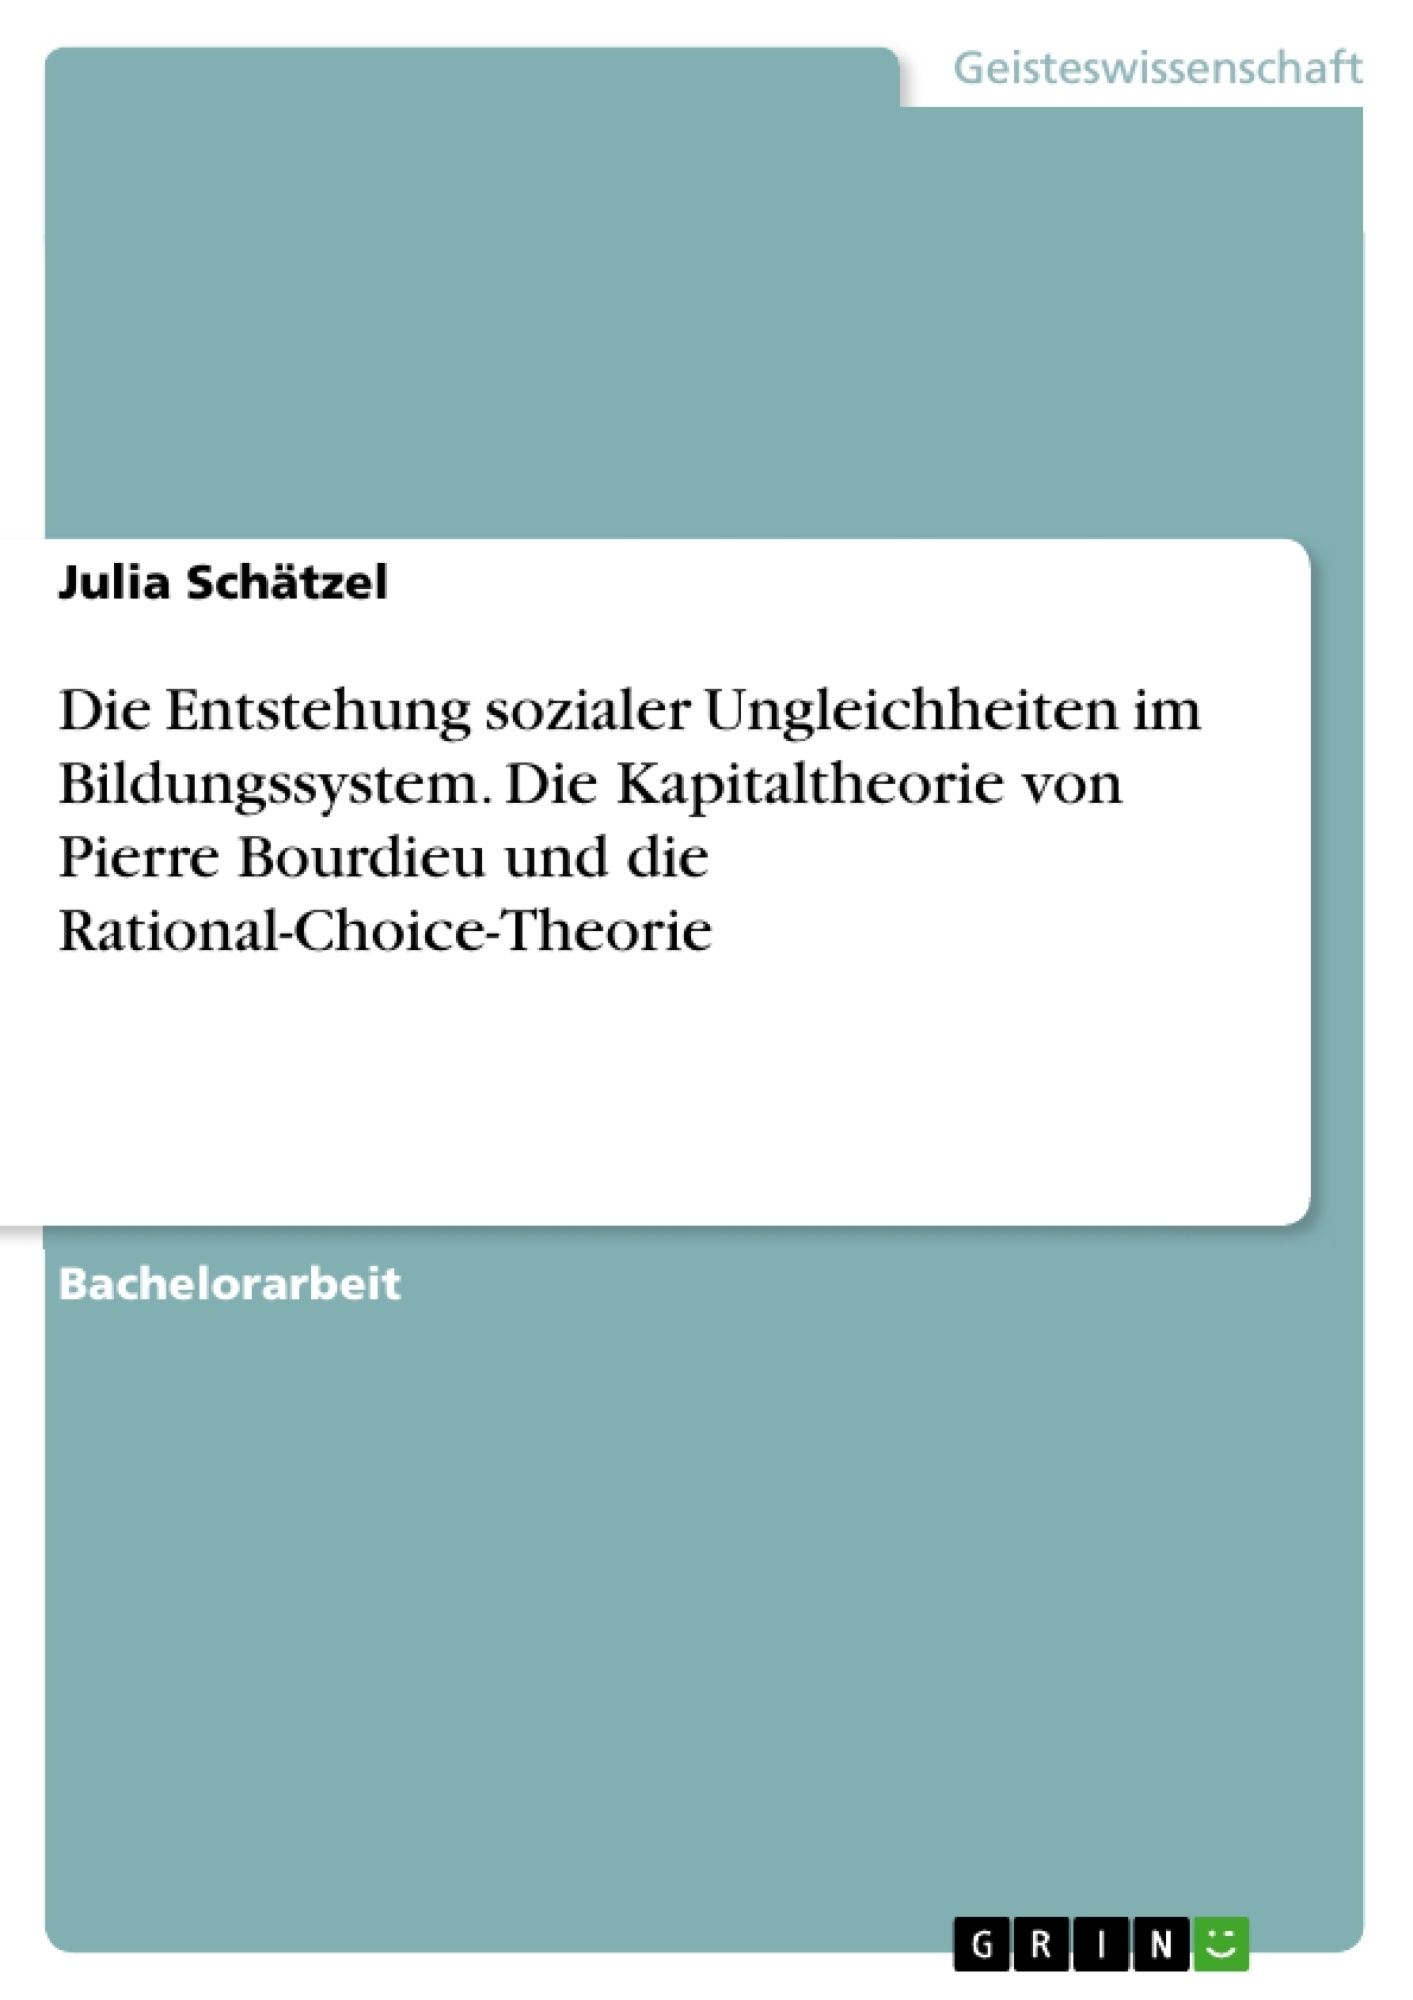 Titel: Die Entstehung sozialer Ungleichheiten im Bildungssystem. Die Kapitaltheorie von Pierre Bourdieu und die Rational-Choice-Theorie